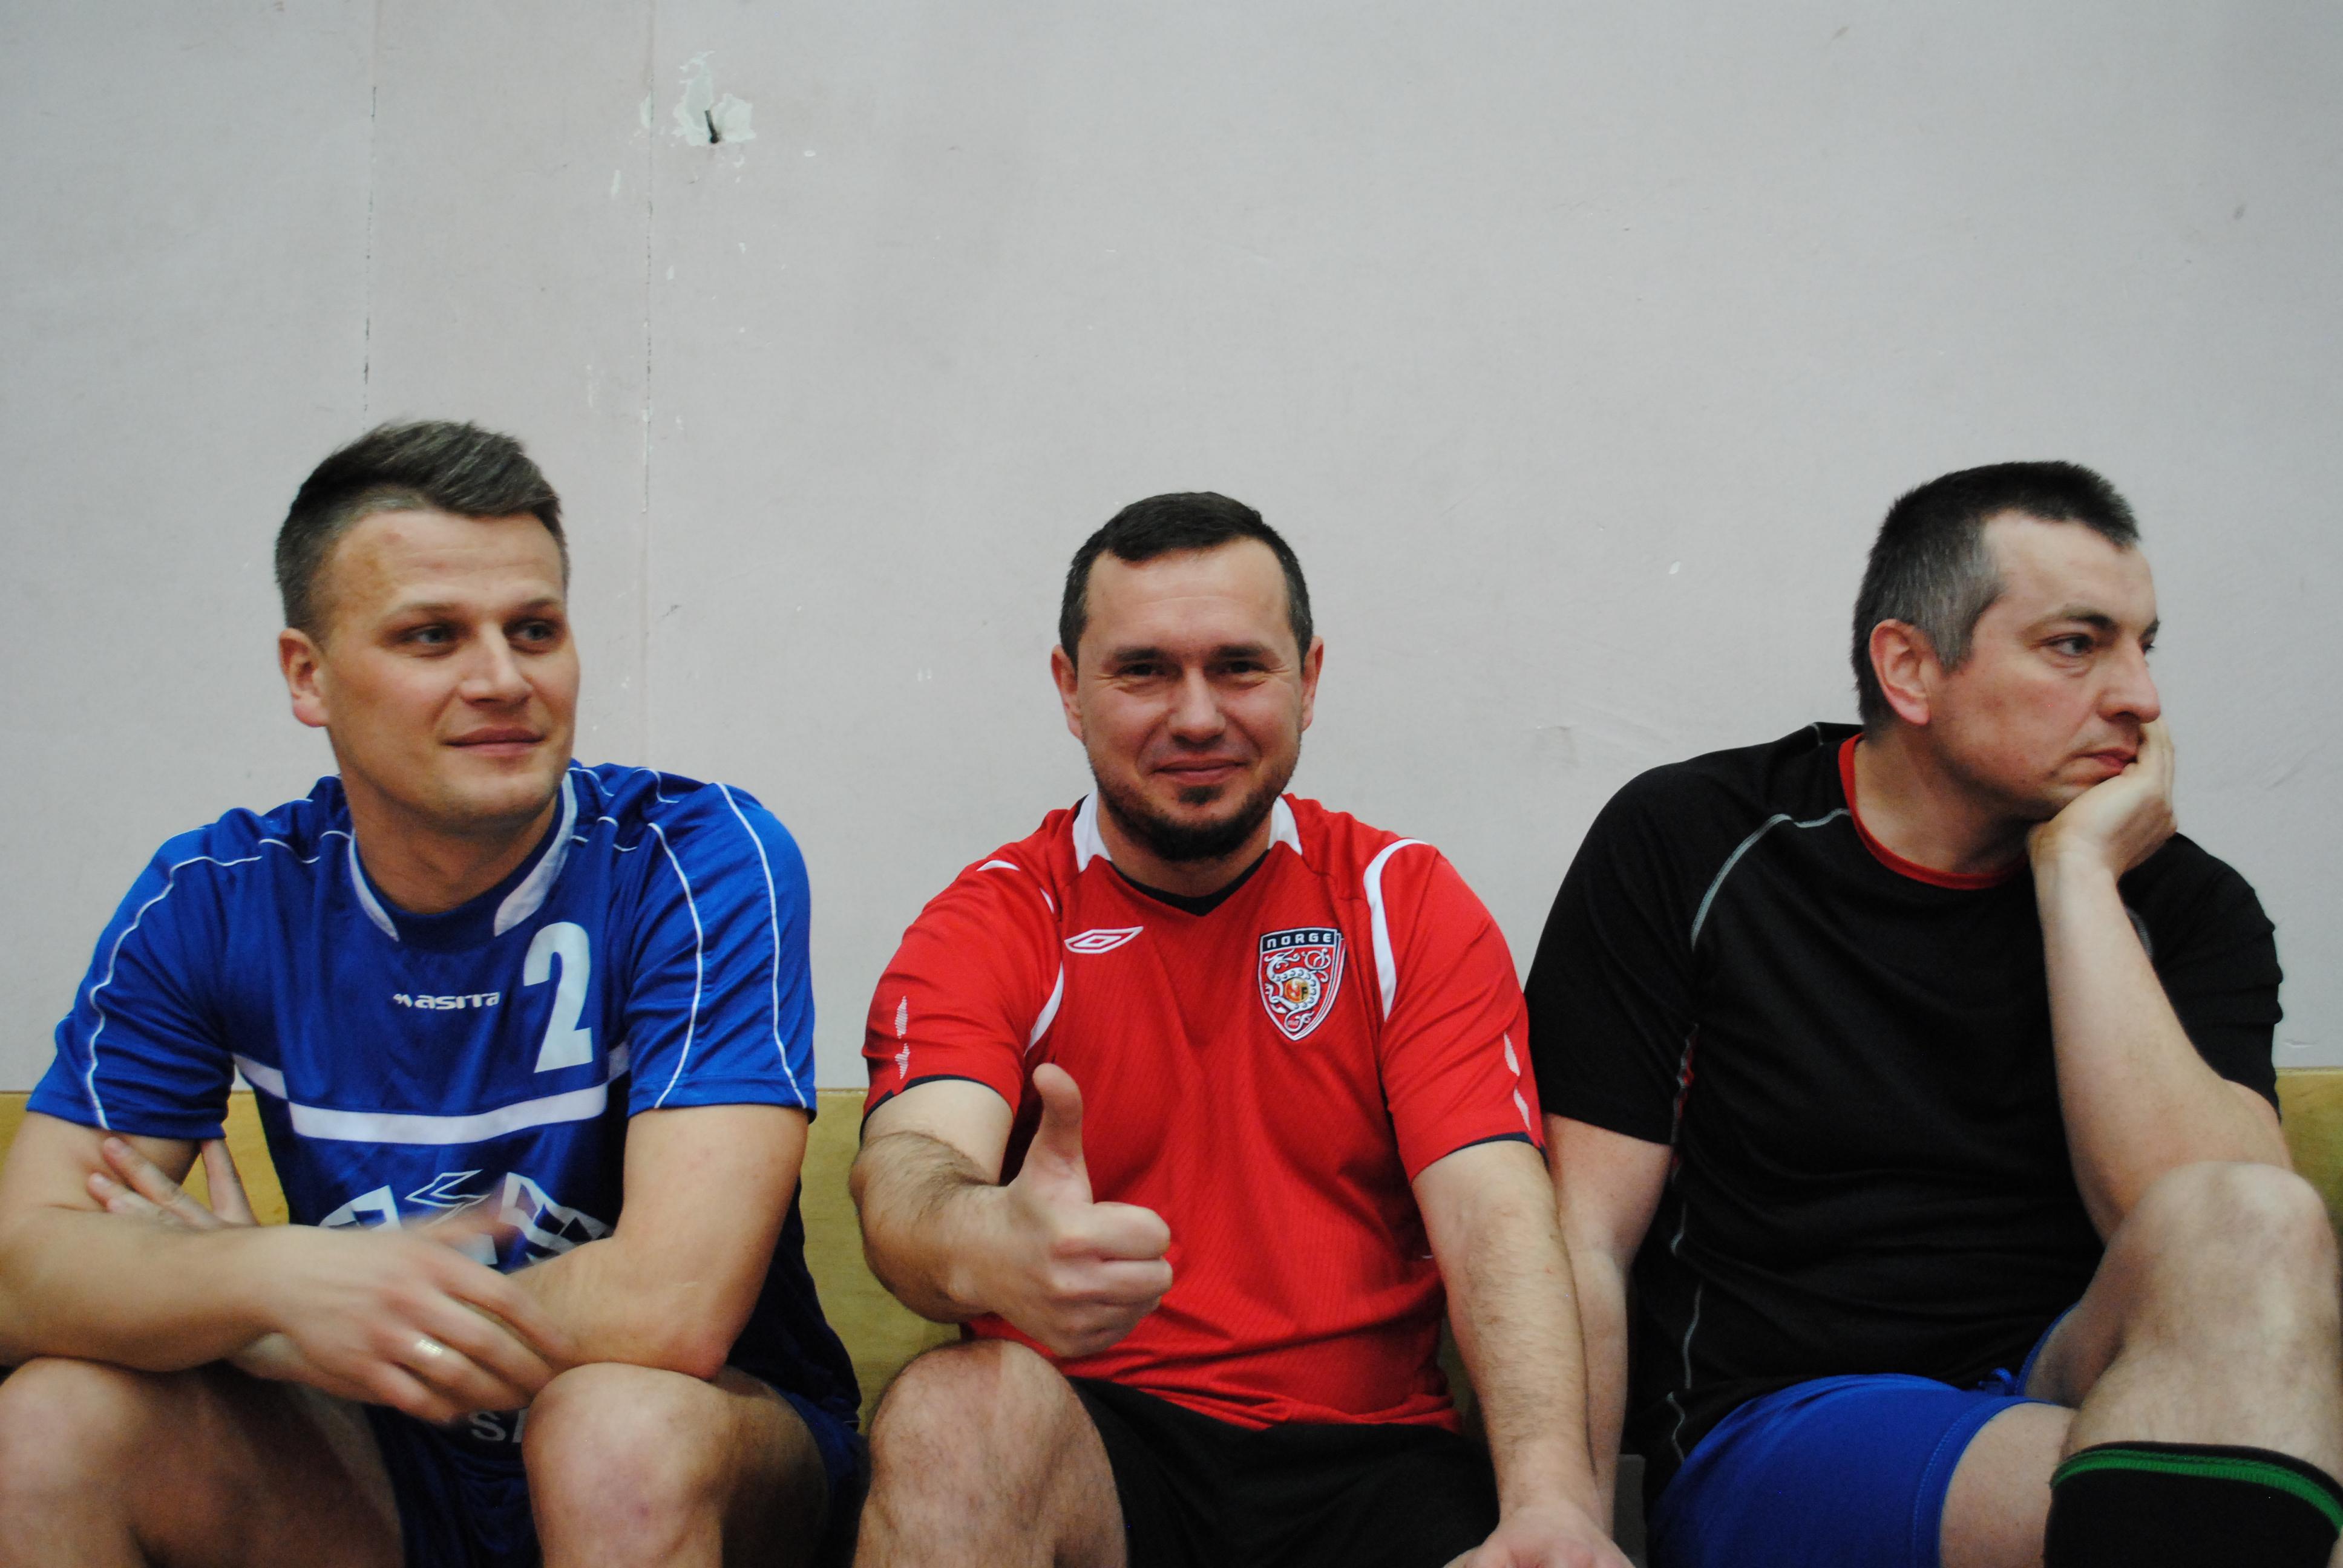 zawodnicy na trybunach (w środku Prezes Mirosław Górka)